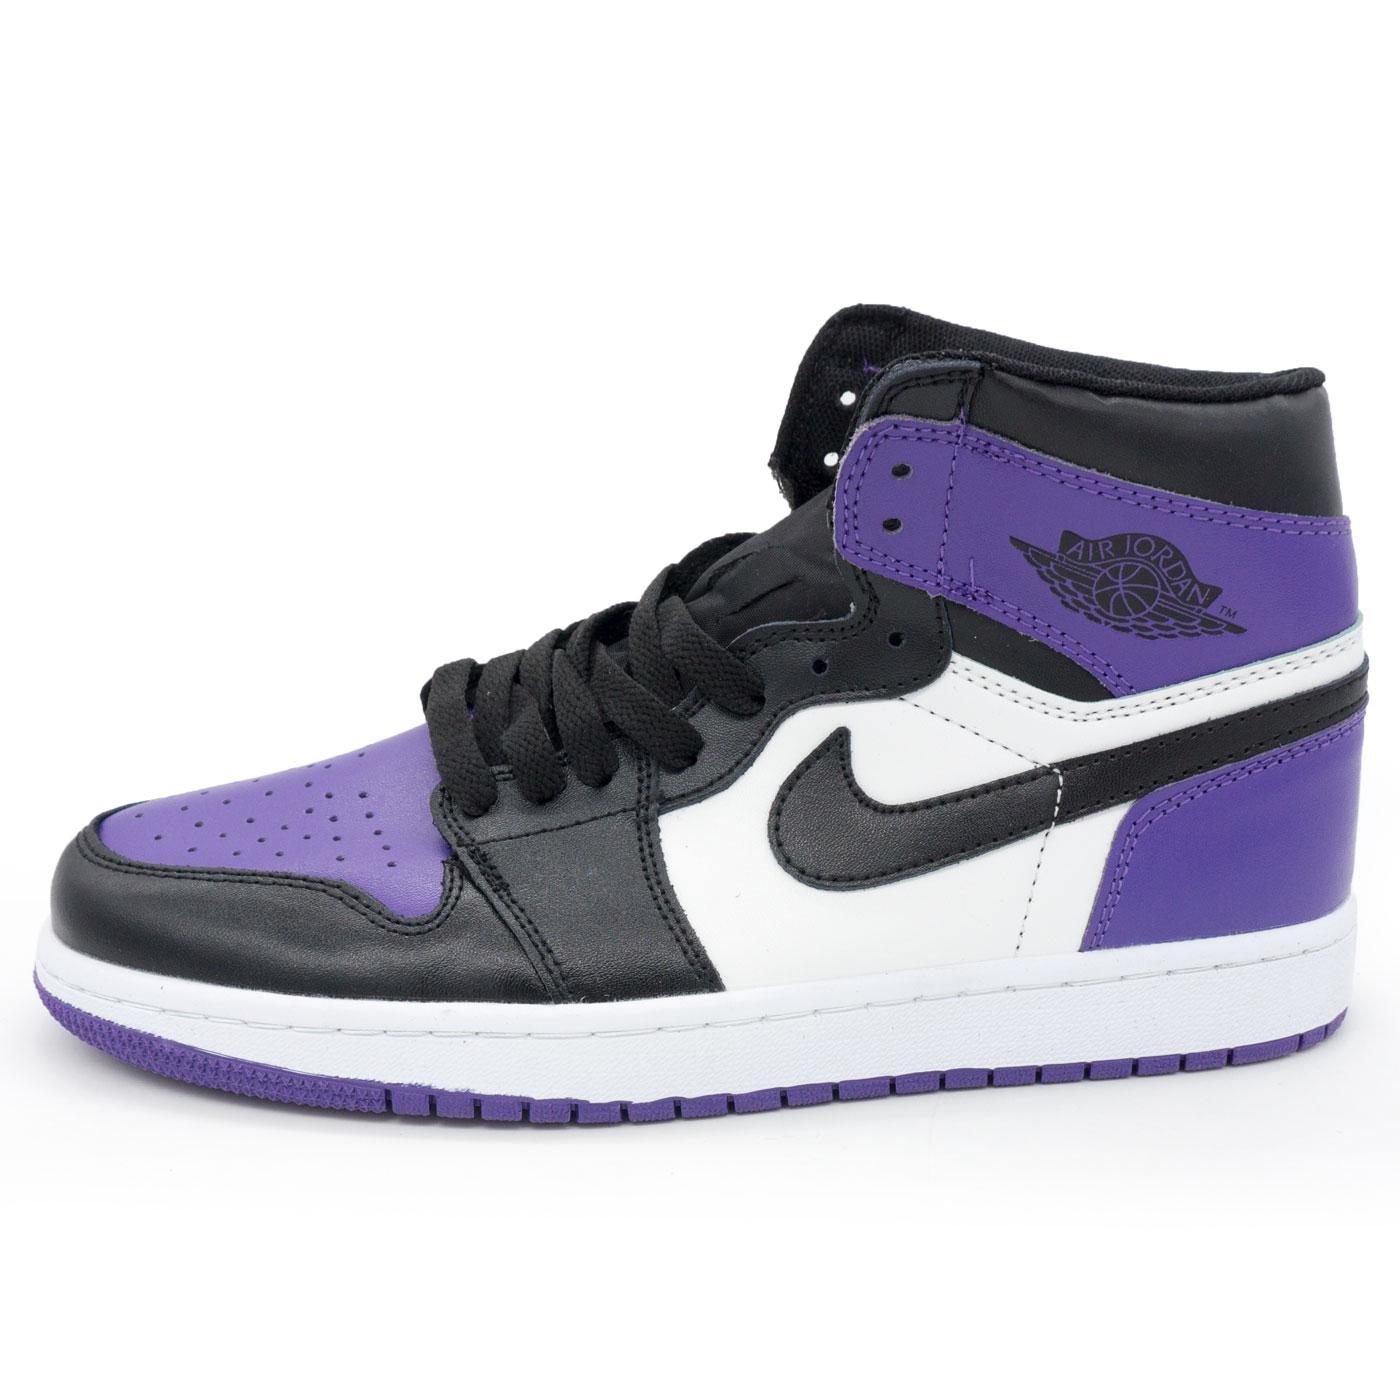 фото main Высокие черные c фиолетовым кроссовки Nike Air Jordan 1 . Топ качество! main